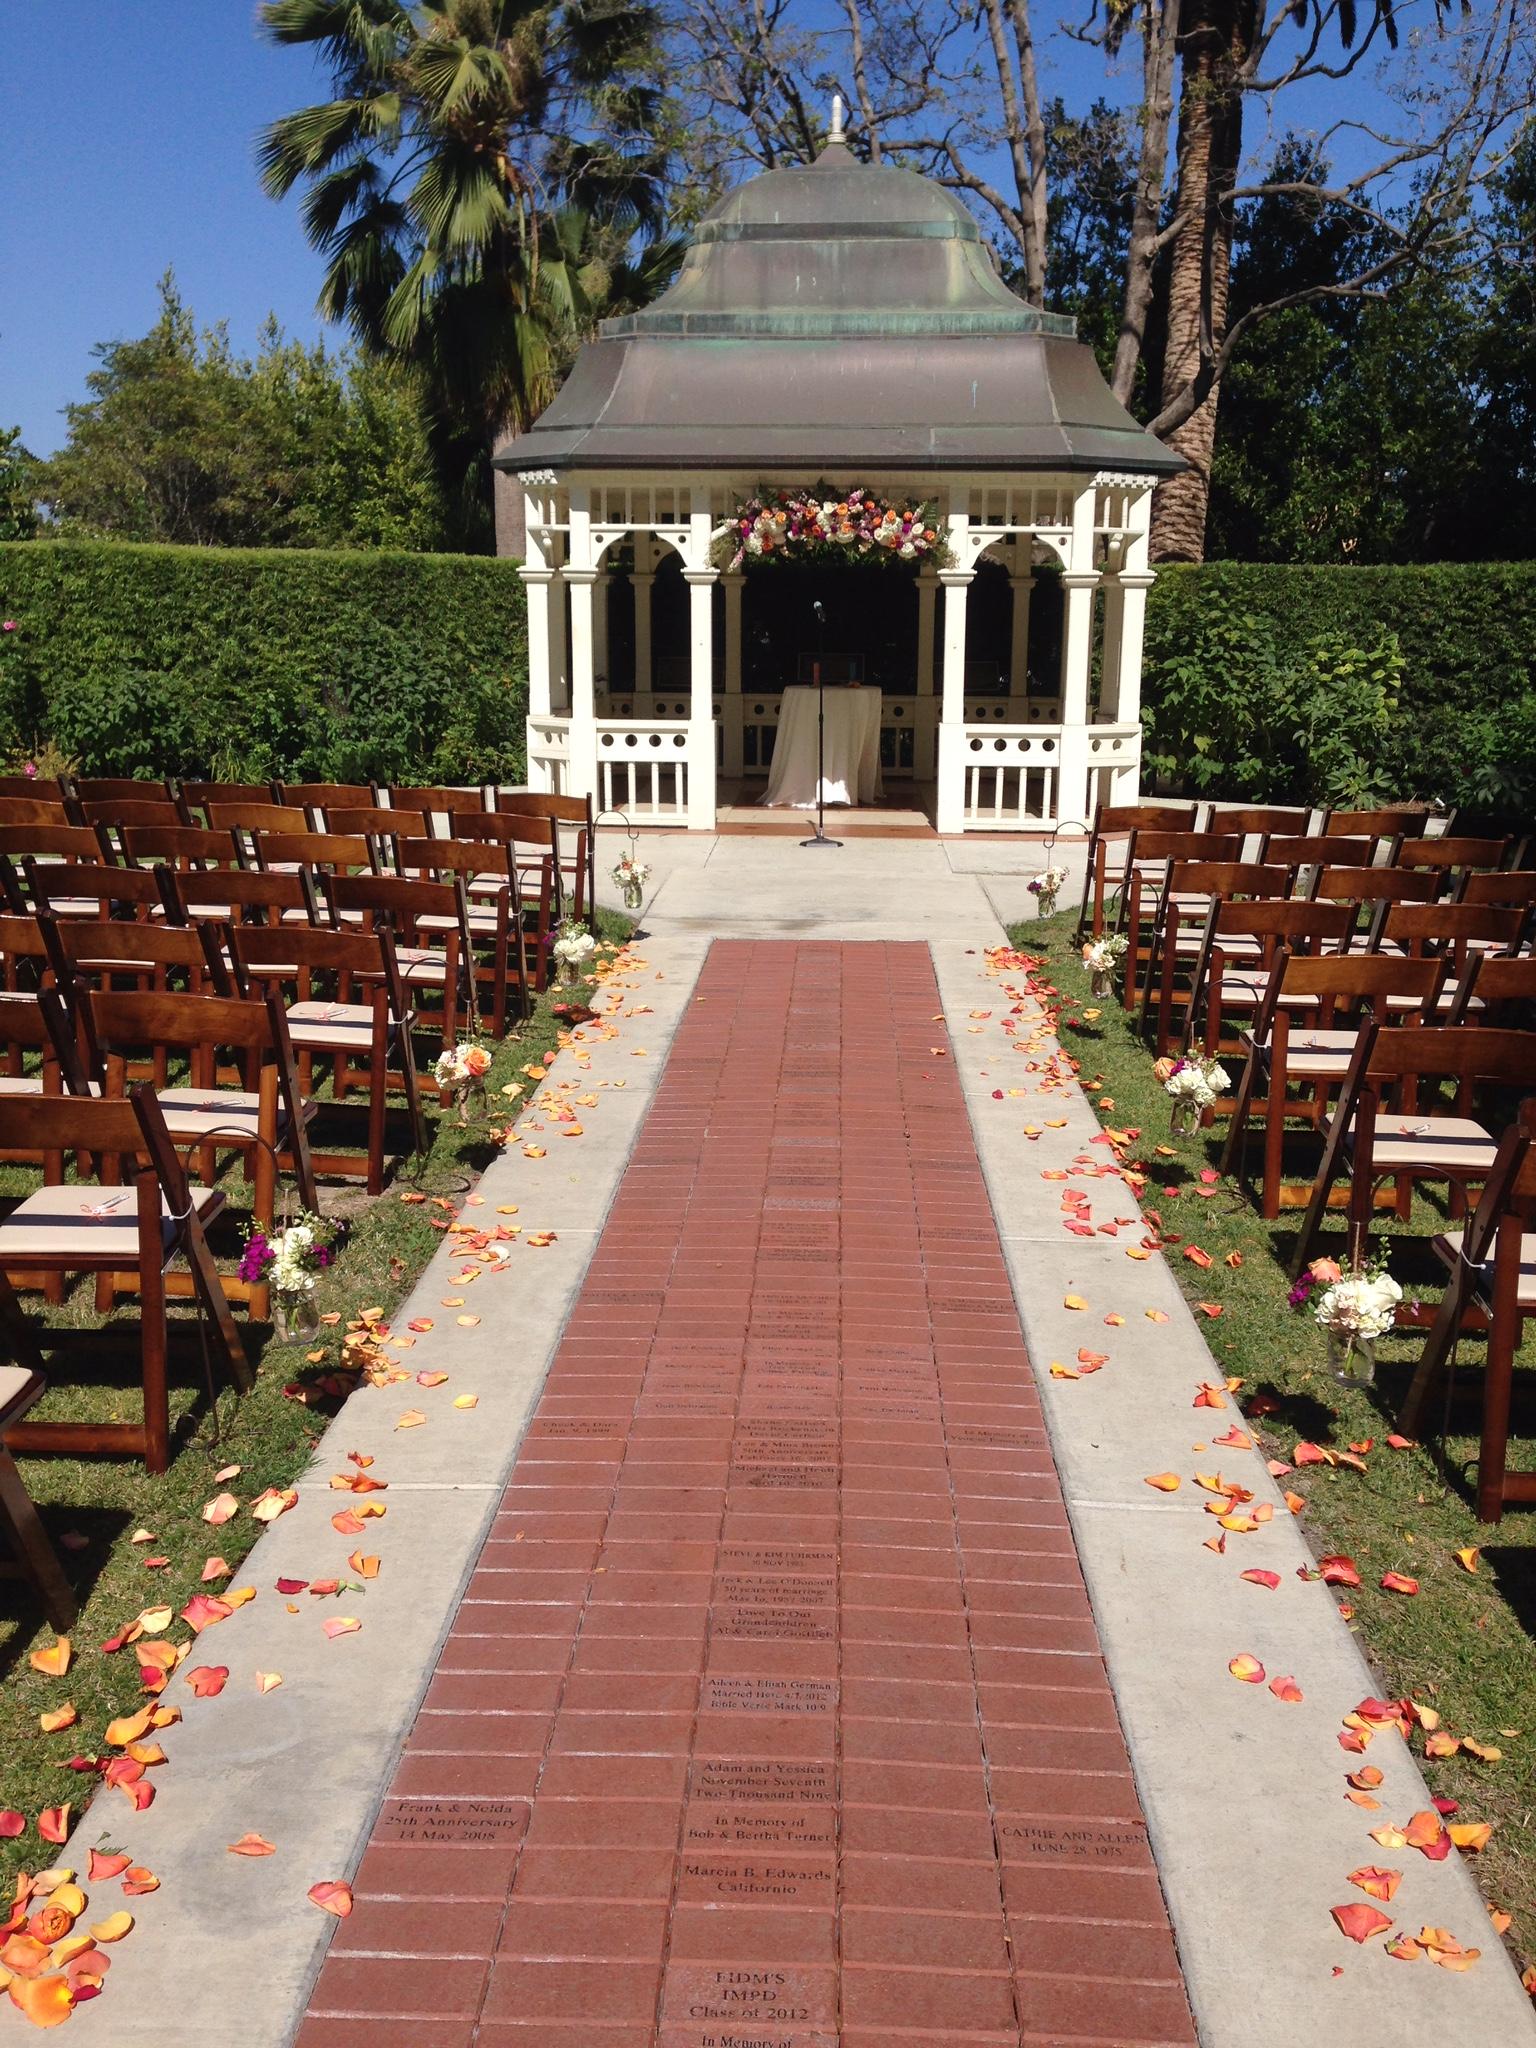 Camarillo Ranch House, Camarillo by The Exotic Green Garden